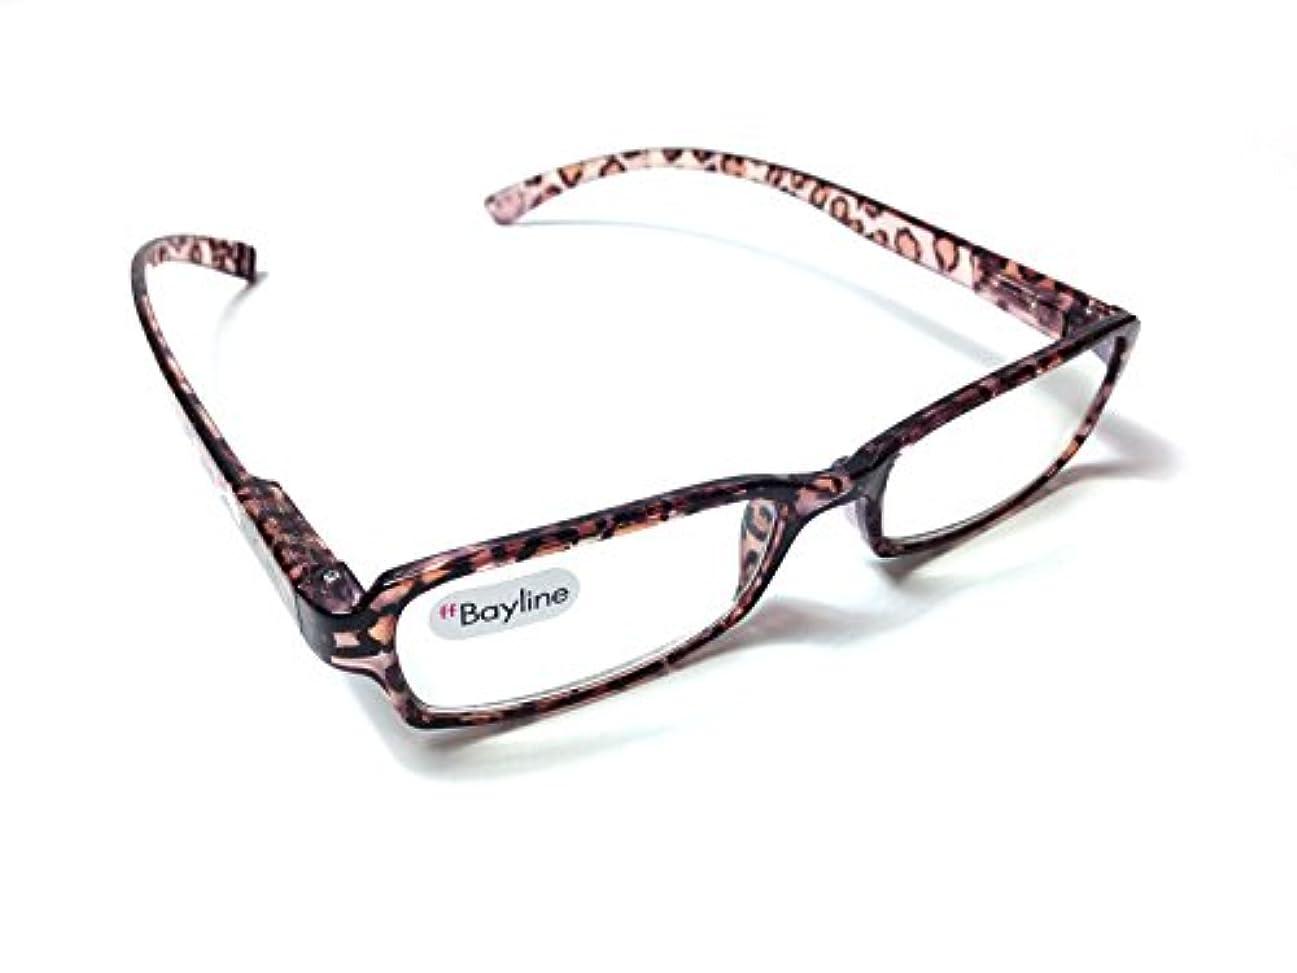 精査アボート面Bayline / ベイライン PC機能付き リーディンググラス ( 老眼鏡 ) ネックリーダーズ [ ヒョウ柄 ( クリアブラウン ) ] PC2217K (2.0)